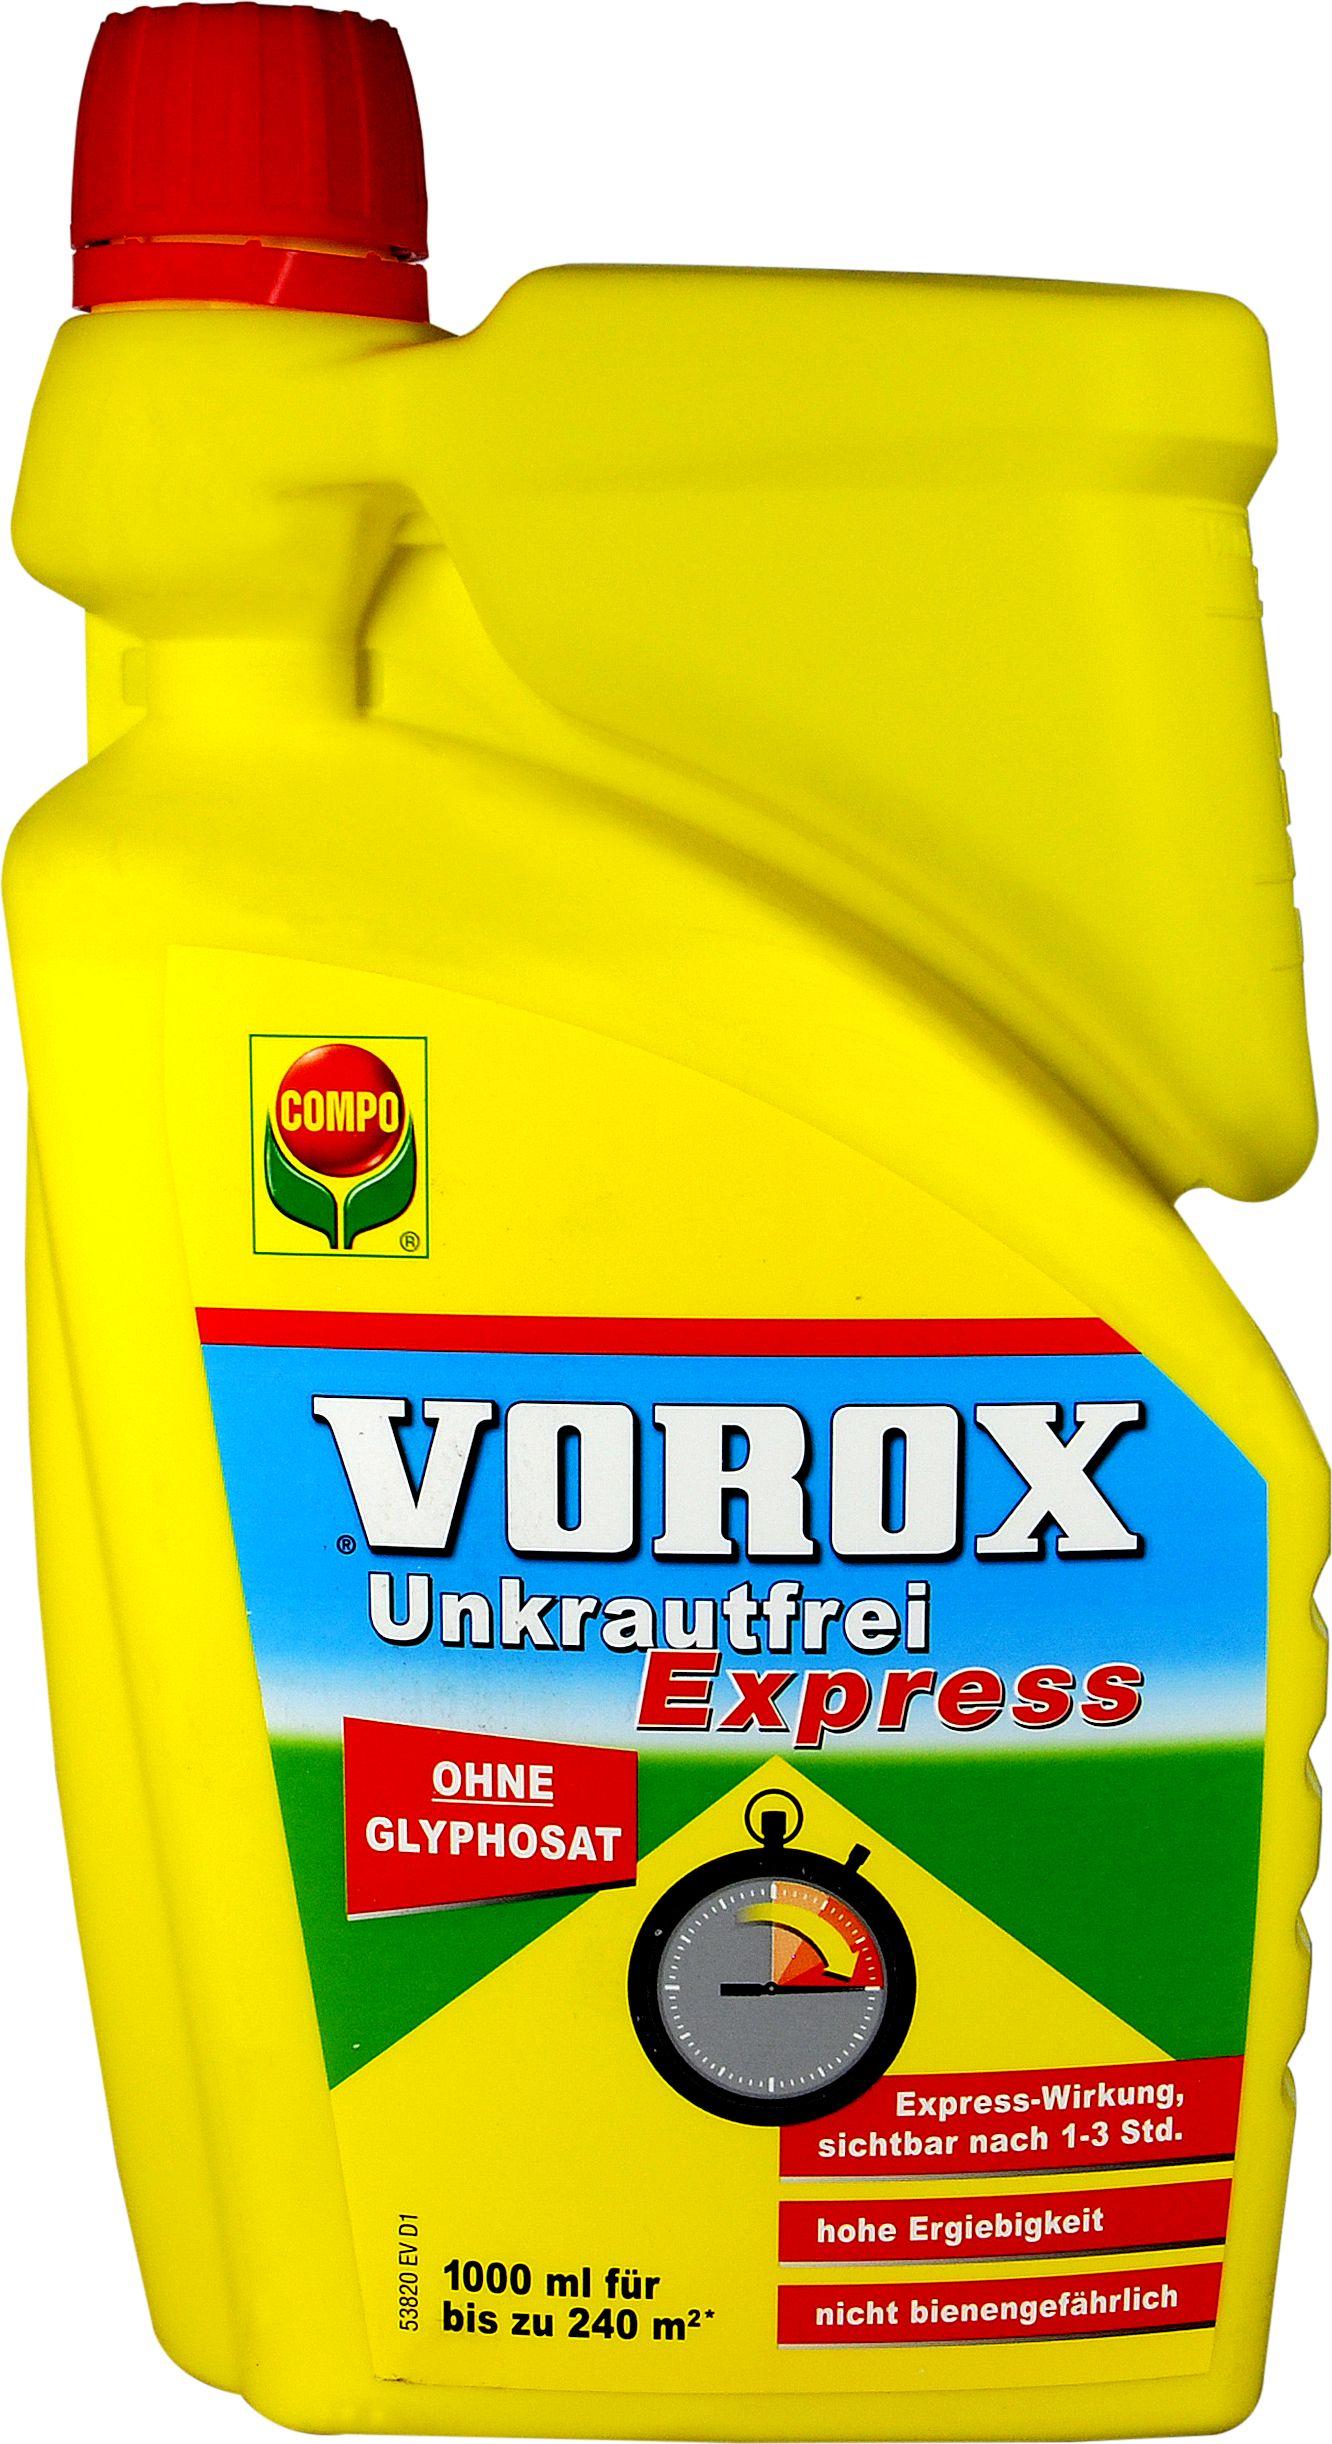 Vorox Unkrautfrei Express, 1000 ml | bie-dro